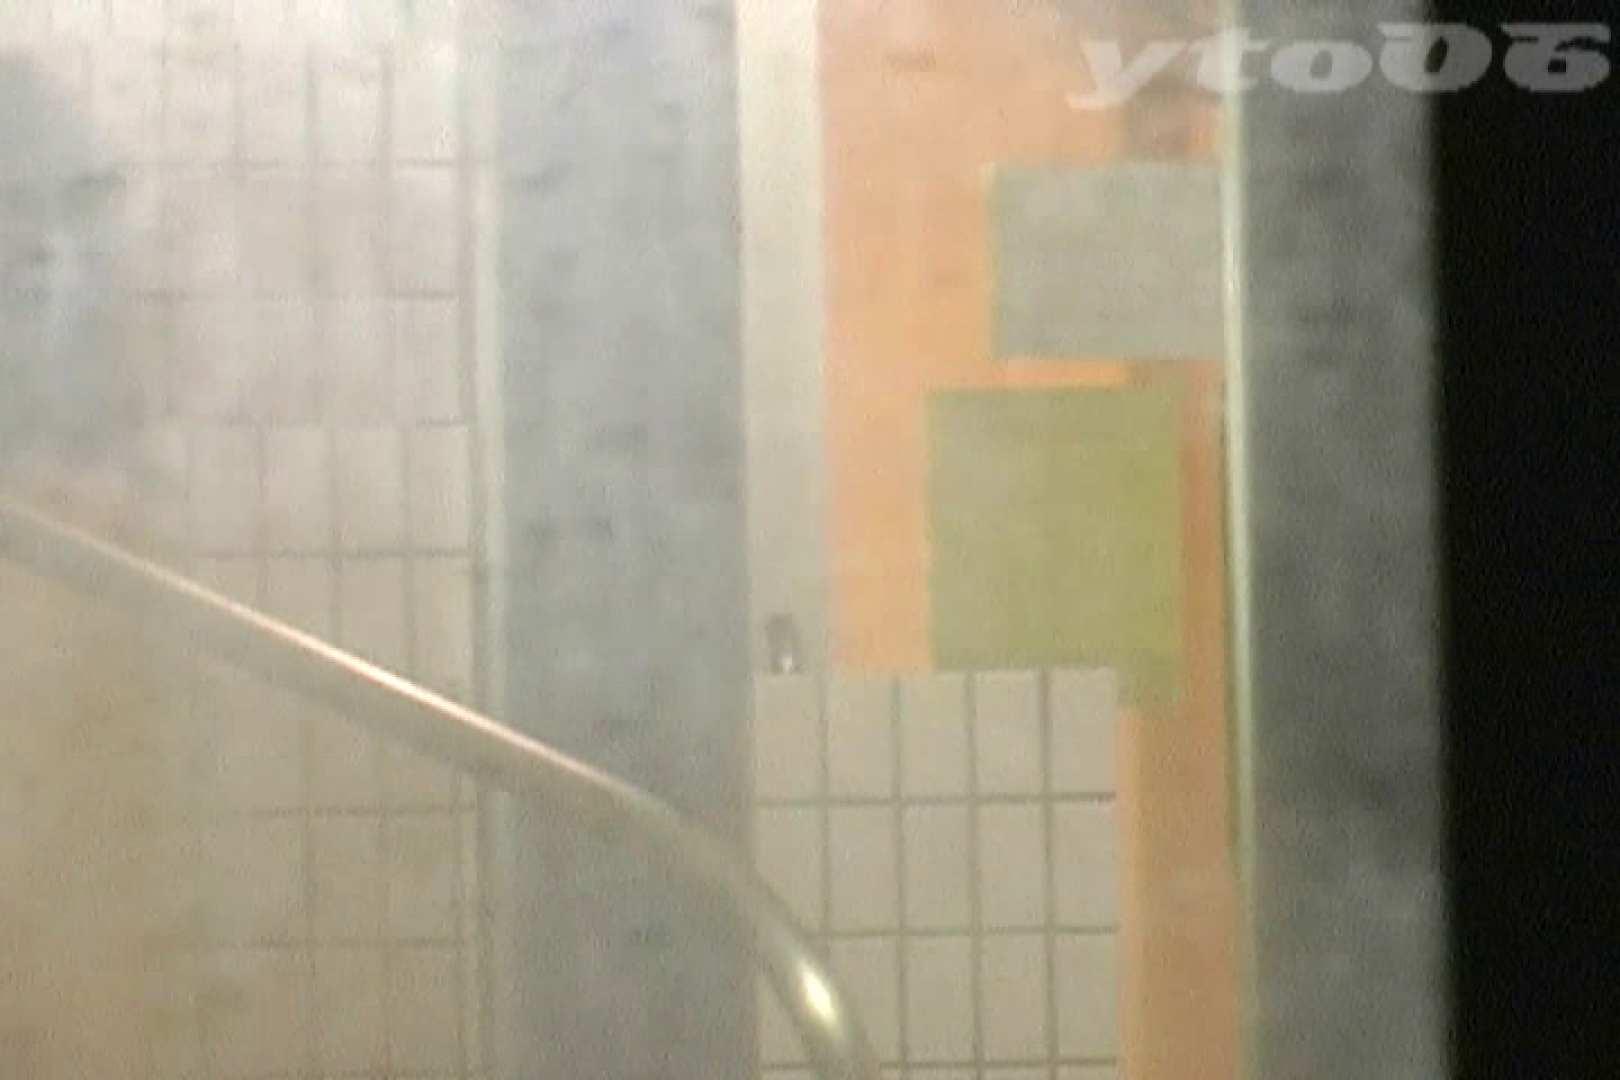 ▲復活限定▲合宿ホテル女風呂盗撮 Vol.36 女風呂   OLのボディ  78PIX 19